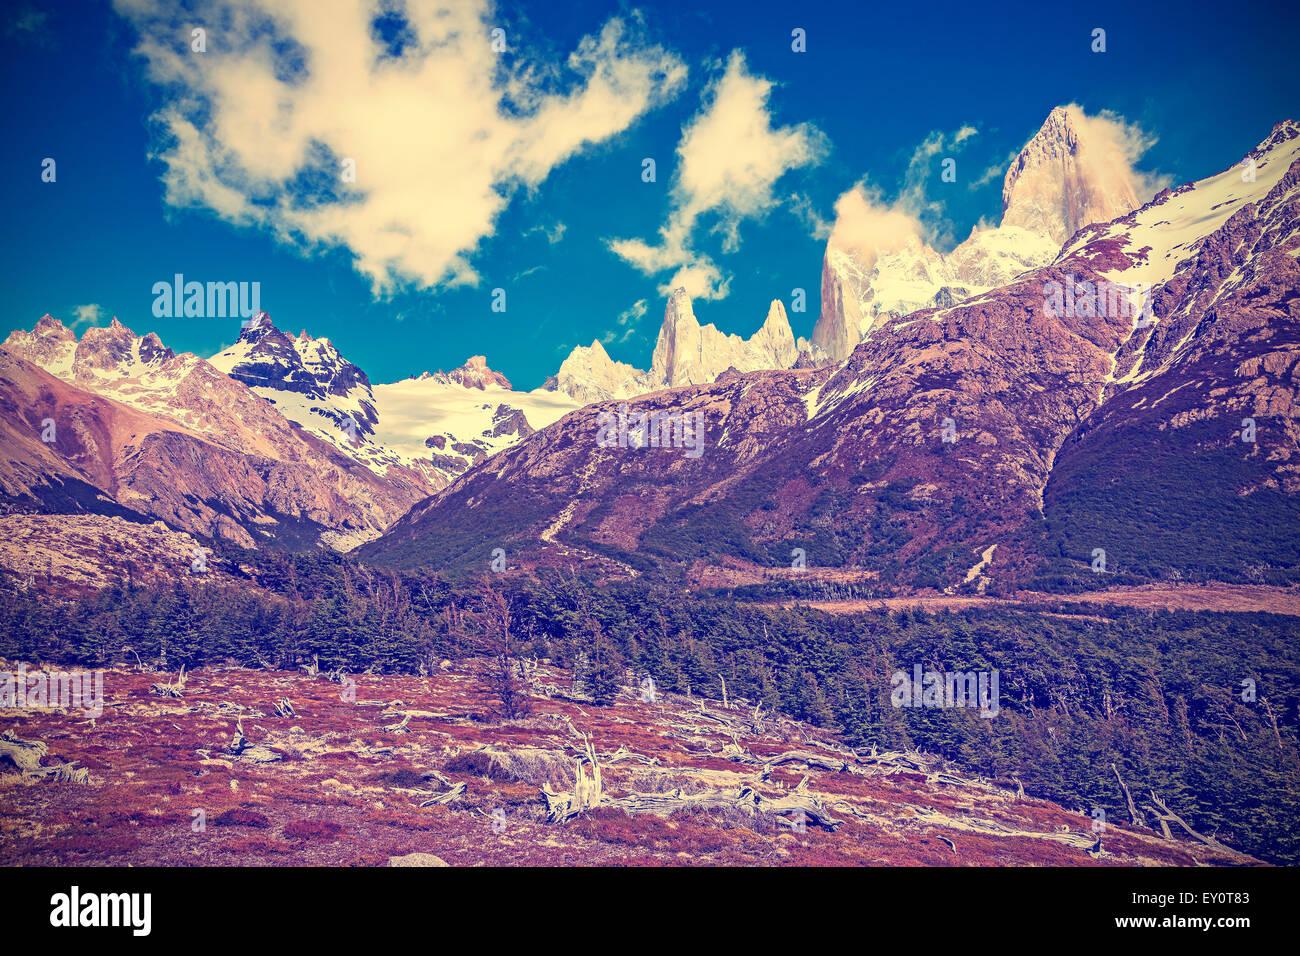 Tons Vintage Montagne Fitz Roy, l'Argentine. Photo Stock